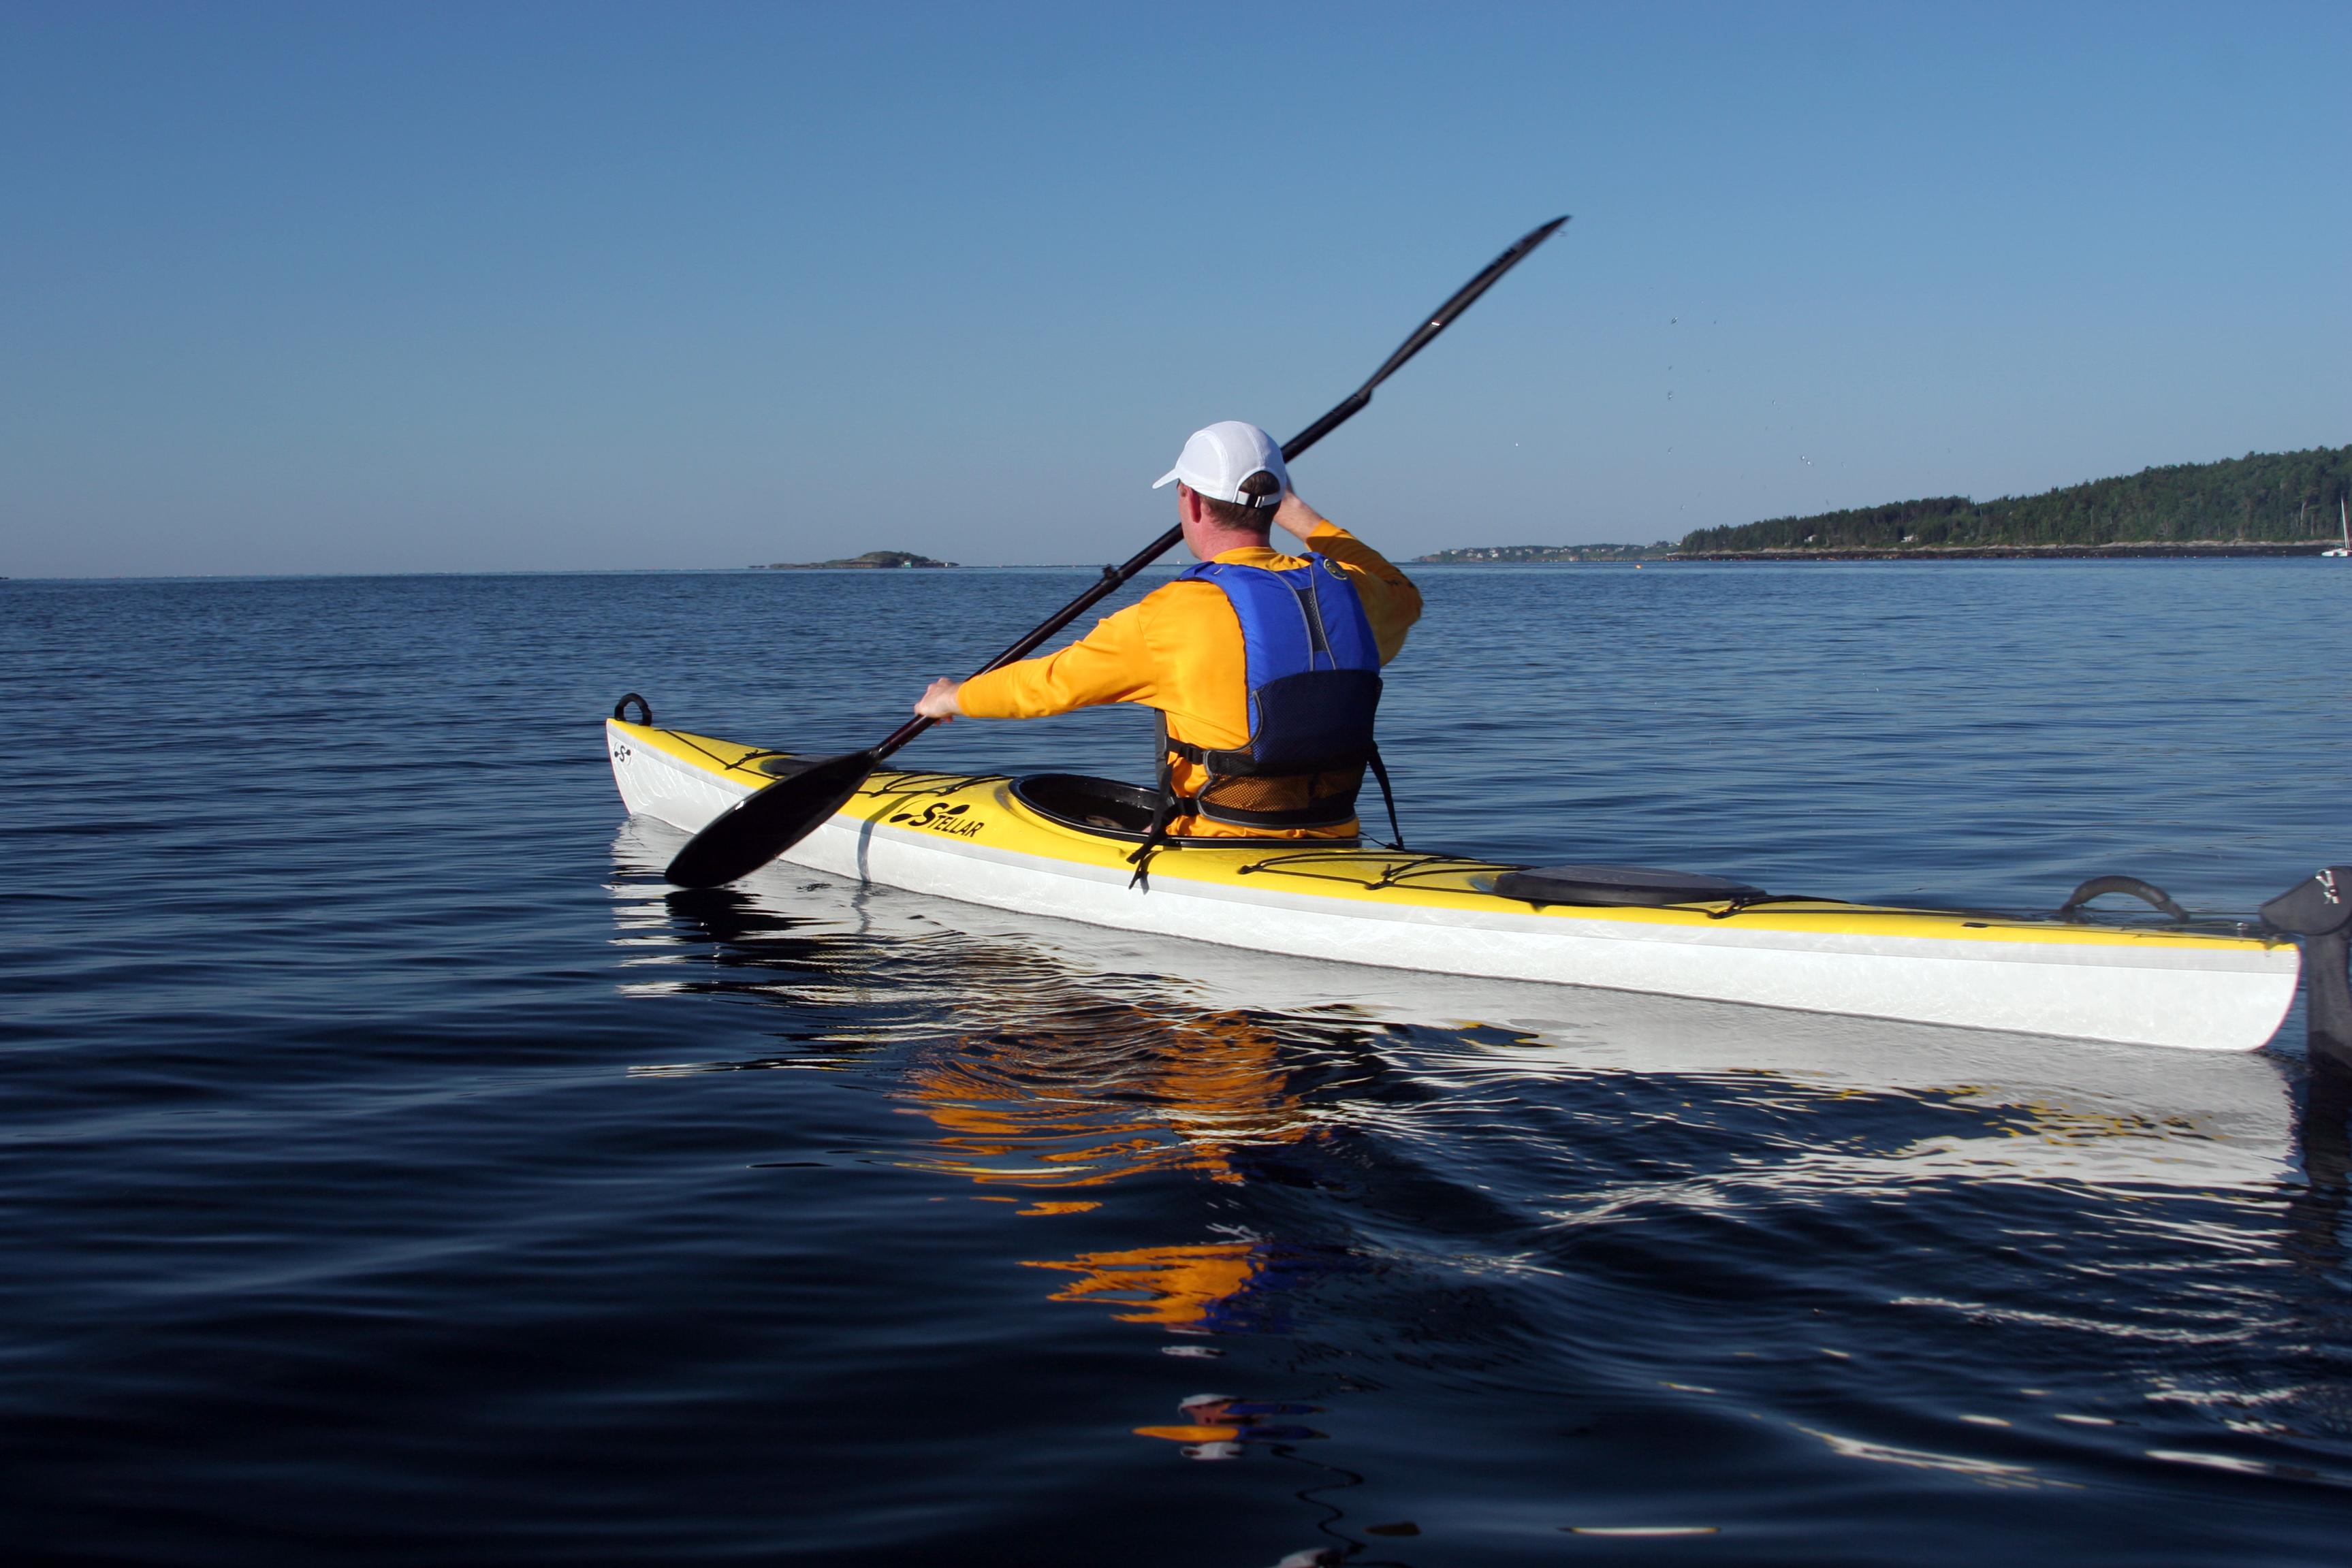 Kayaks: S16 by Stellar Kayaks - Image 2980